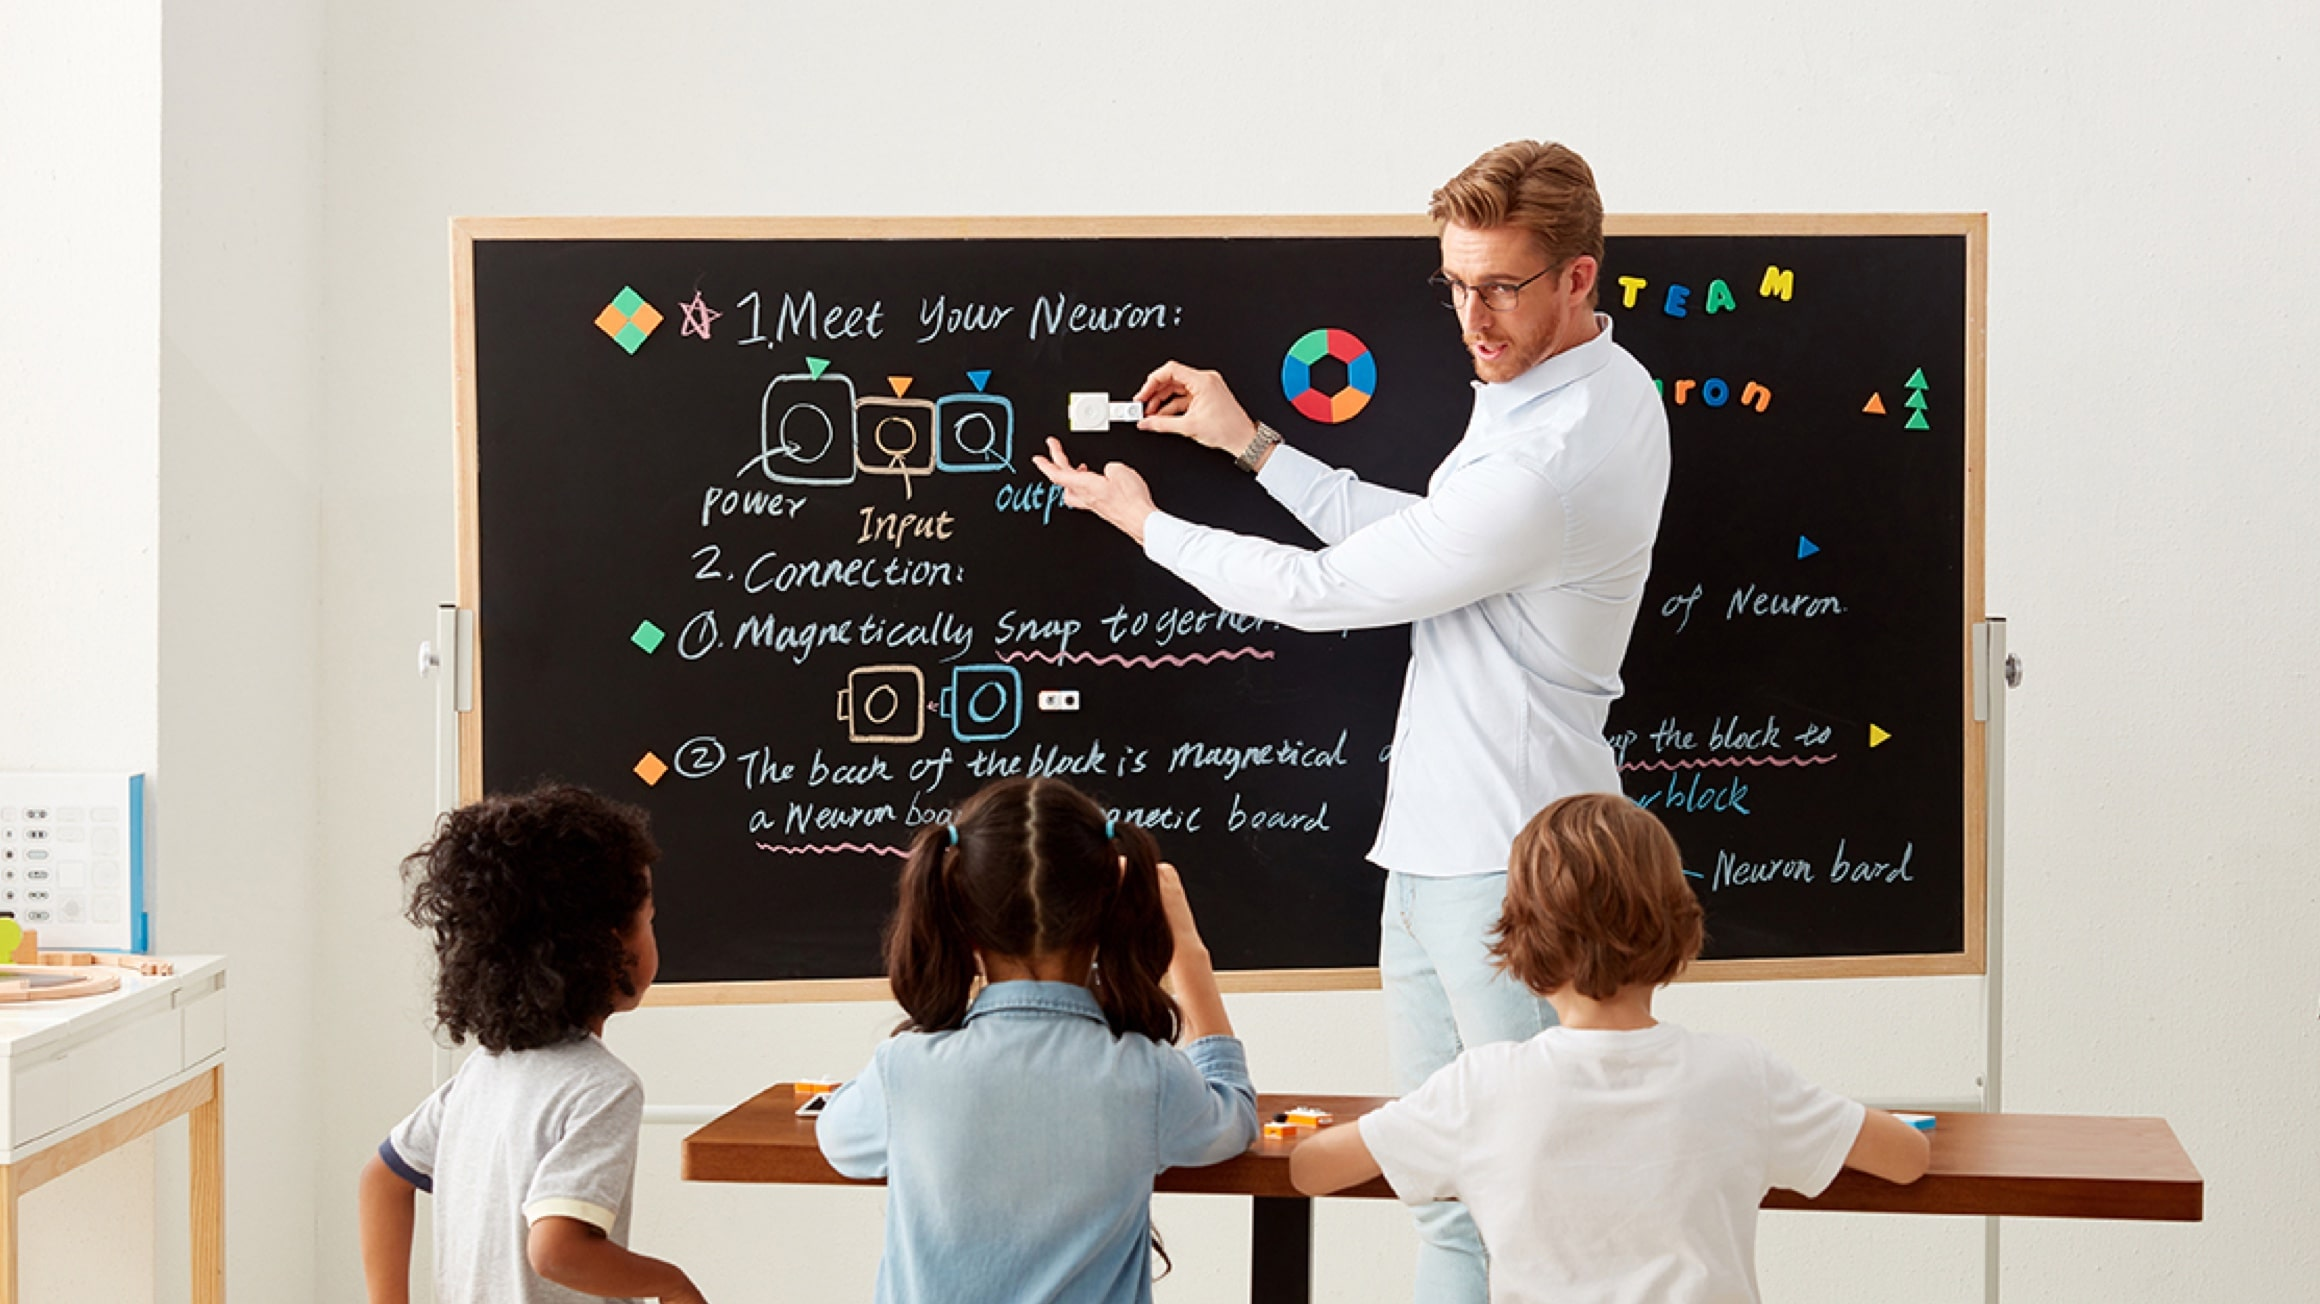 教培机构如何借助企业微信赋能数字化升级